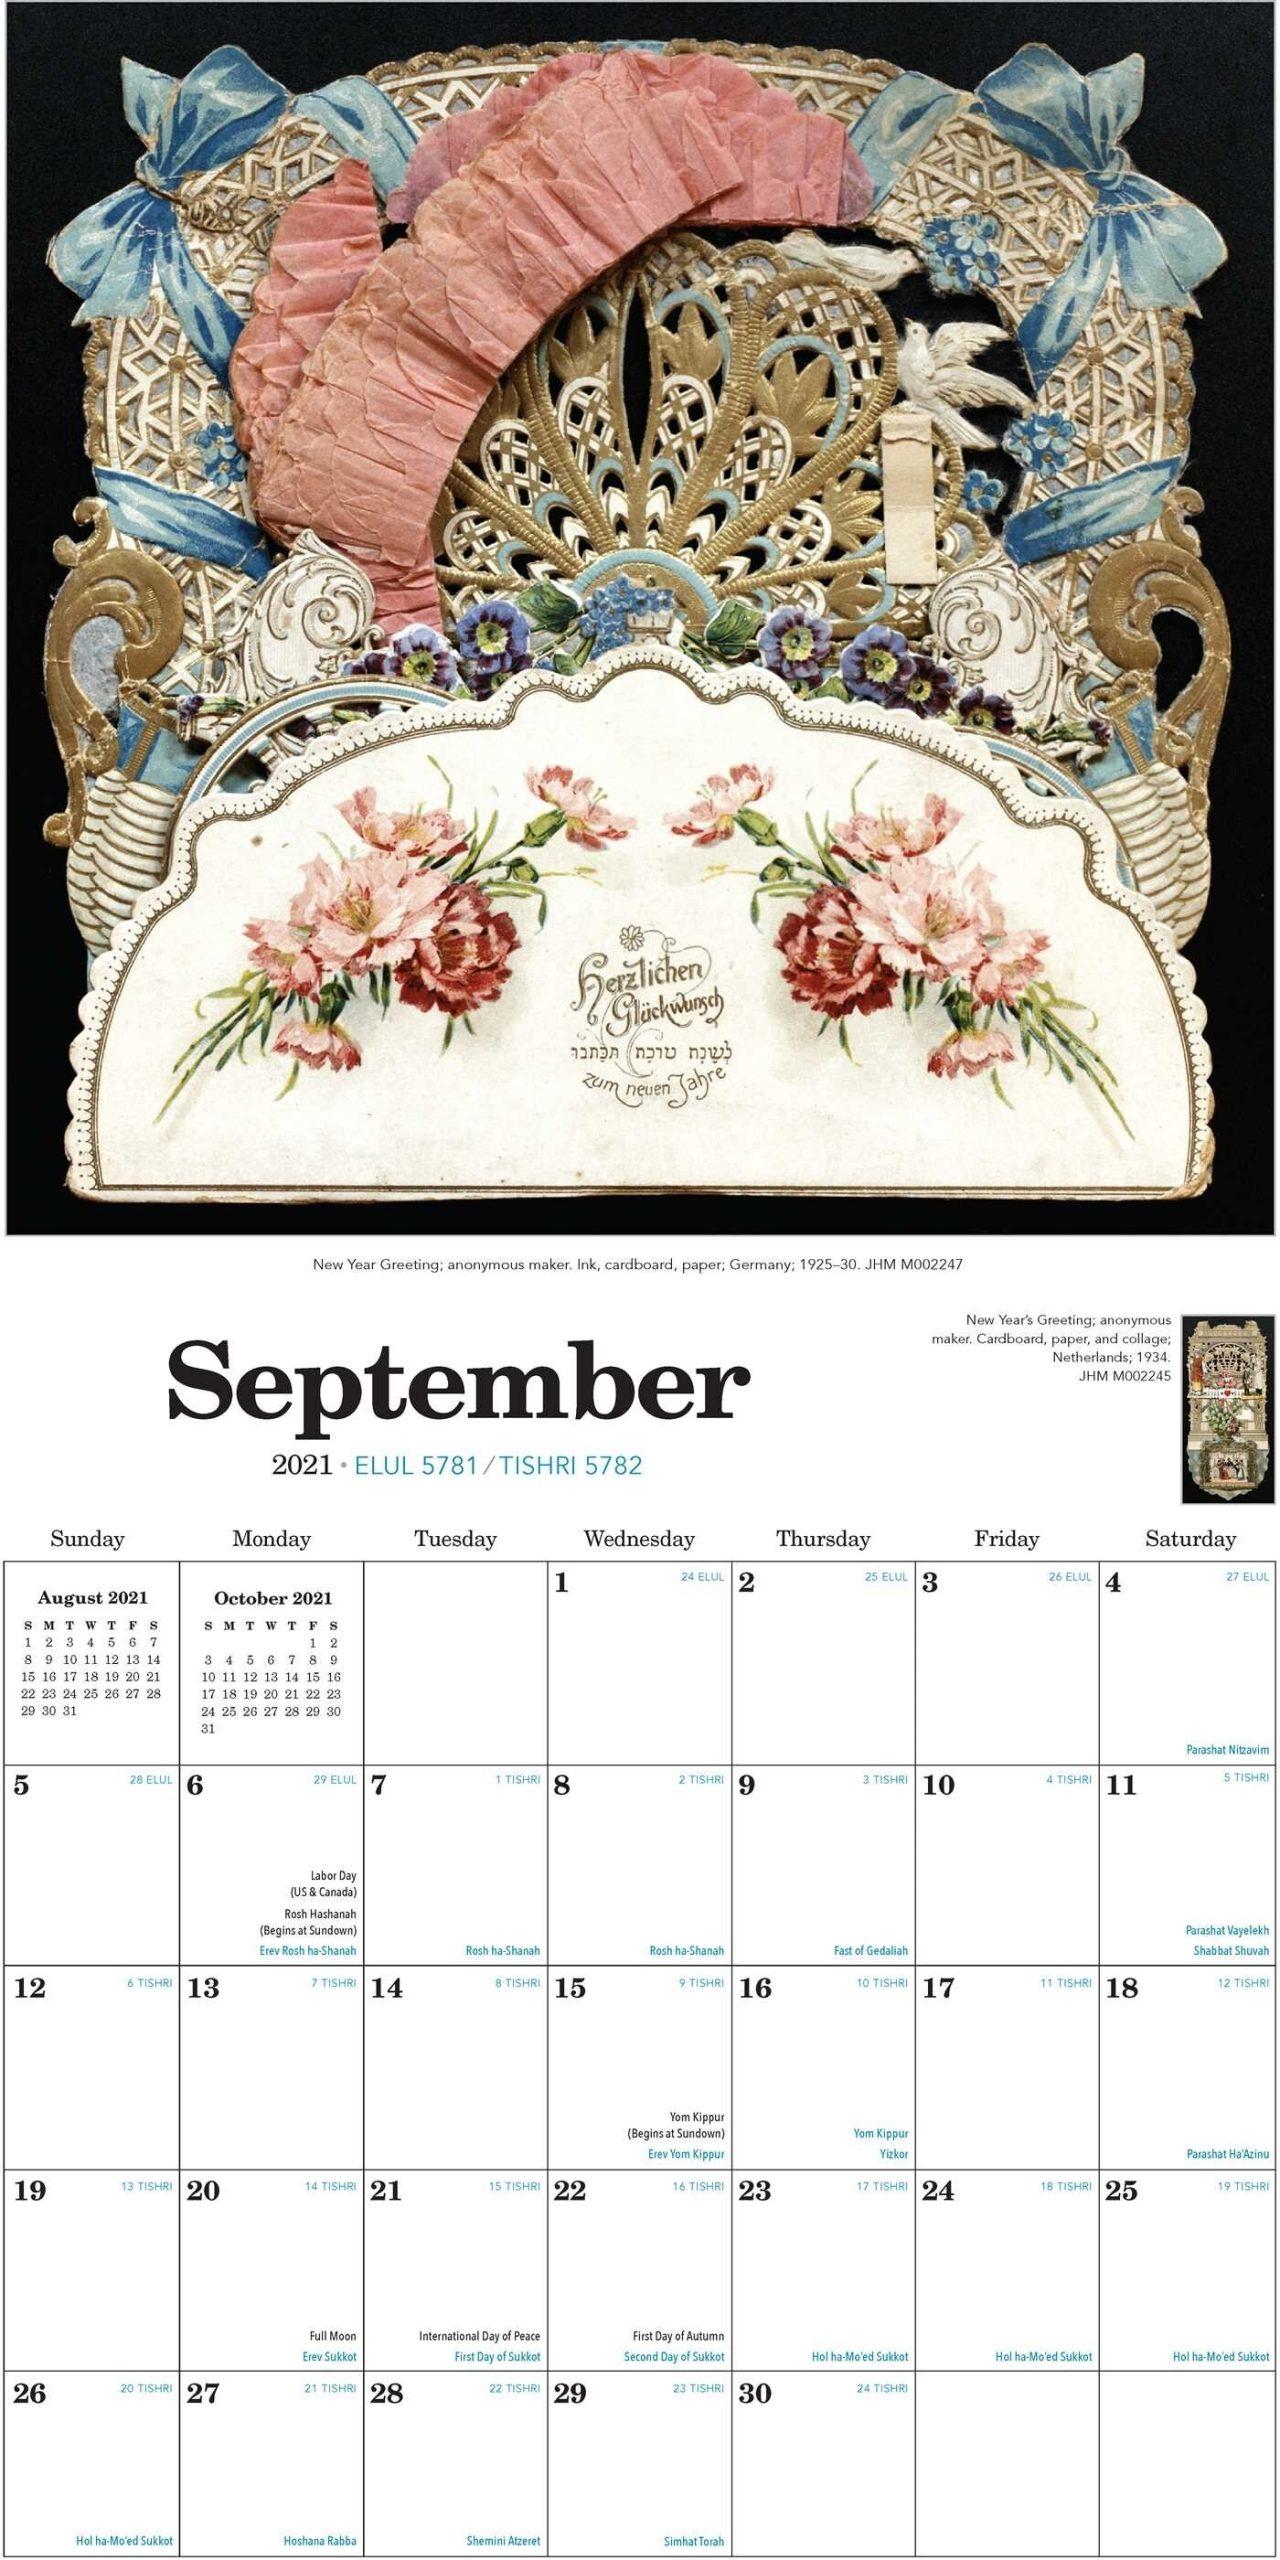 The 2021 Jewish Calendar 16-Month Wall Calendar - Book